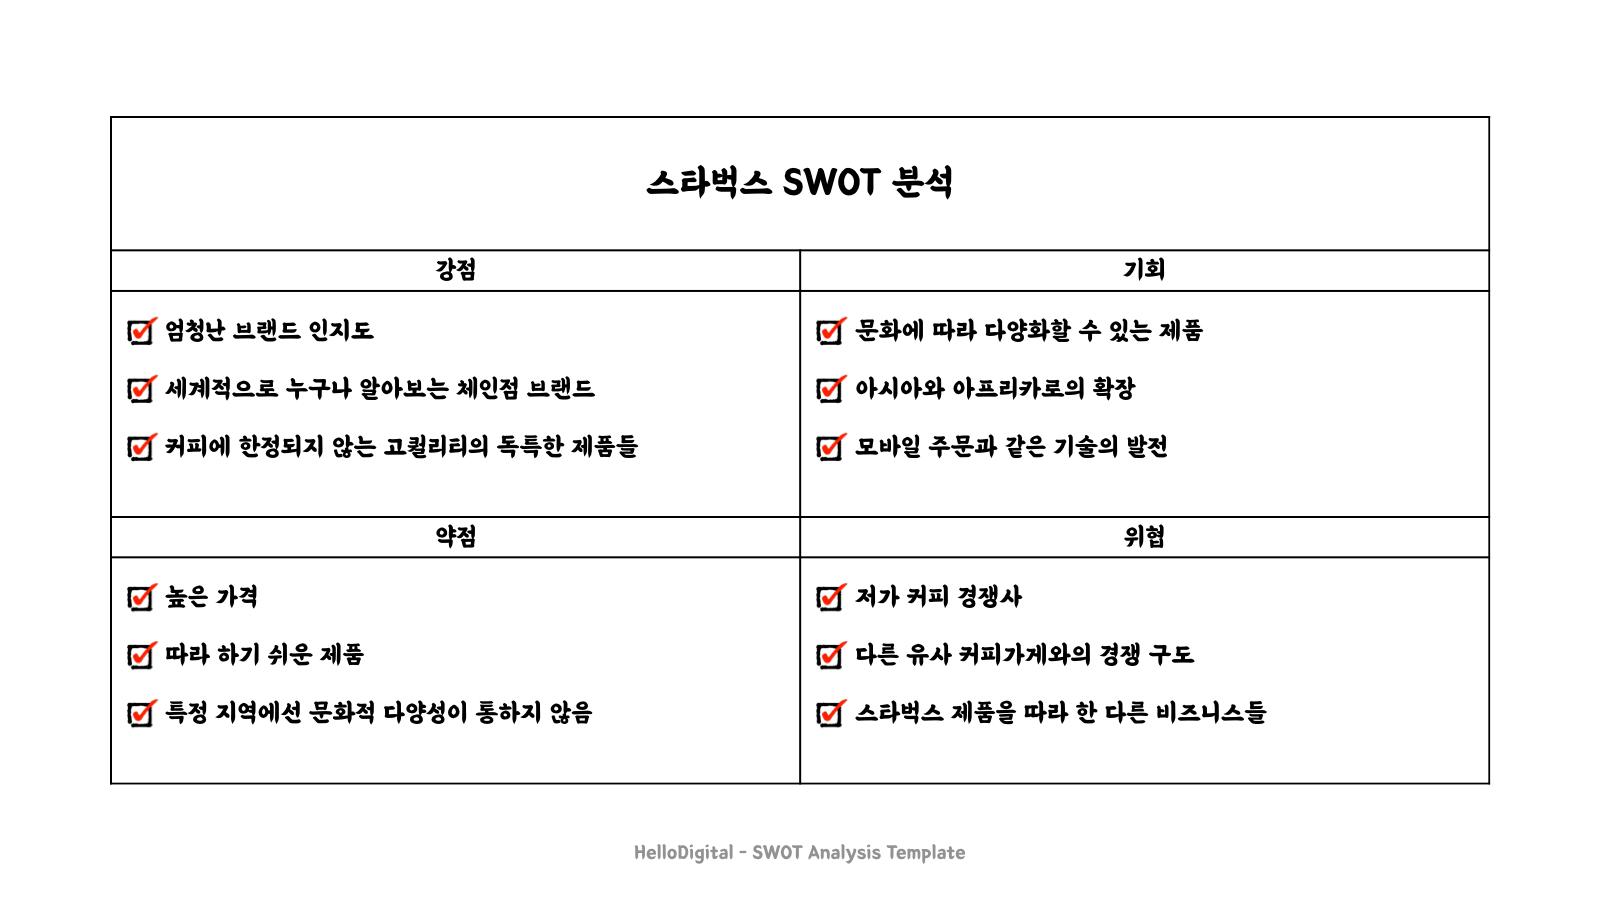 SWOT 분석 ㅣ 헬로디지털